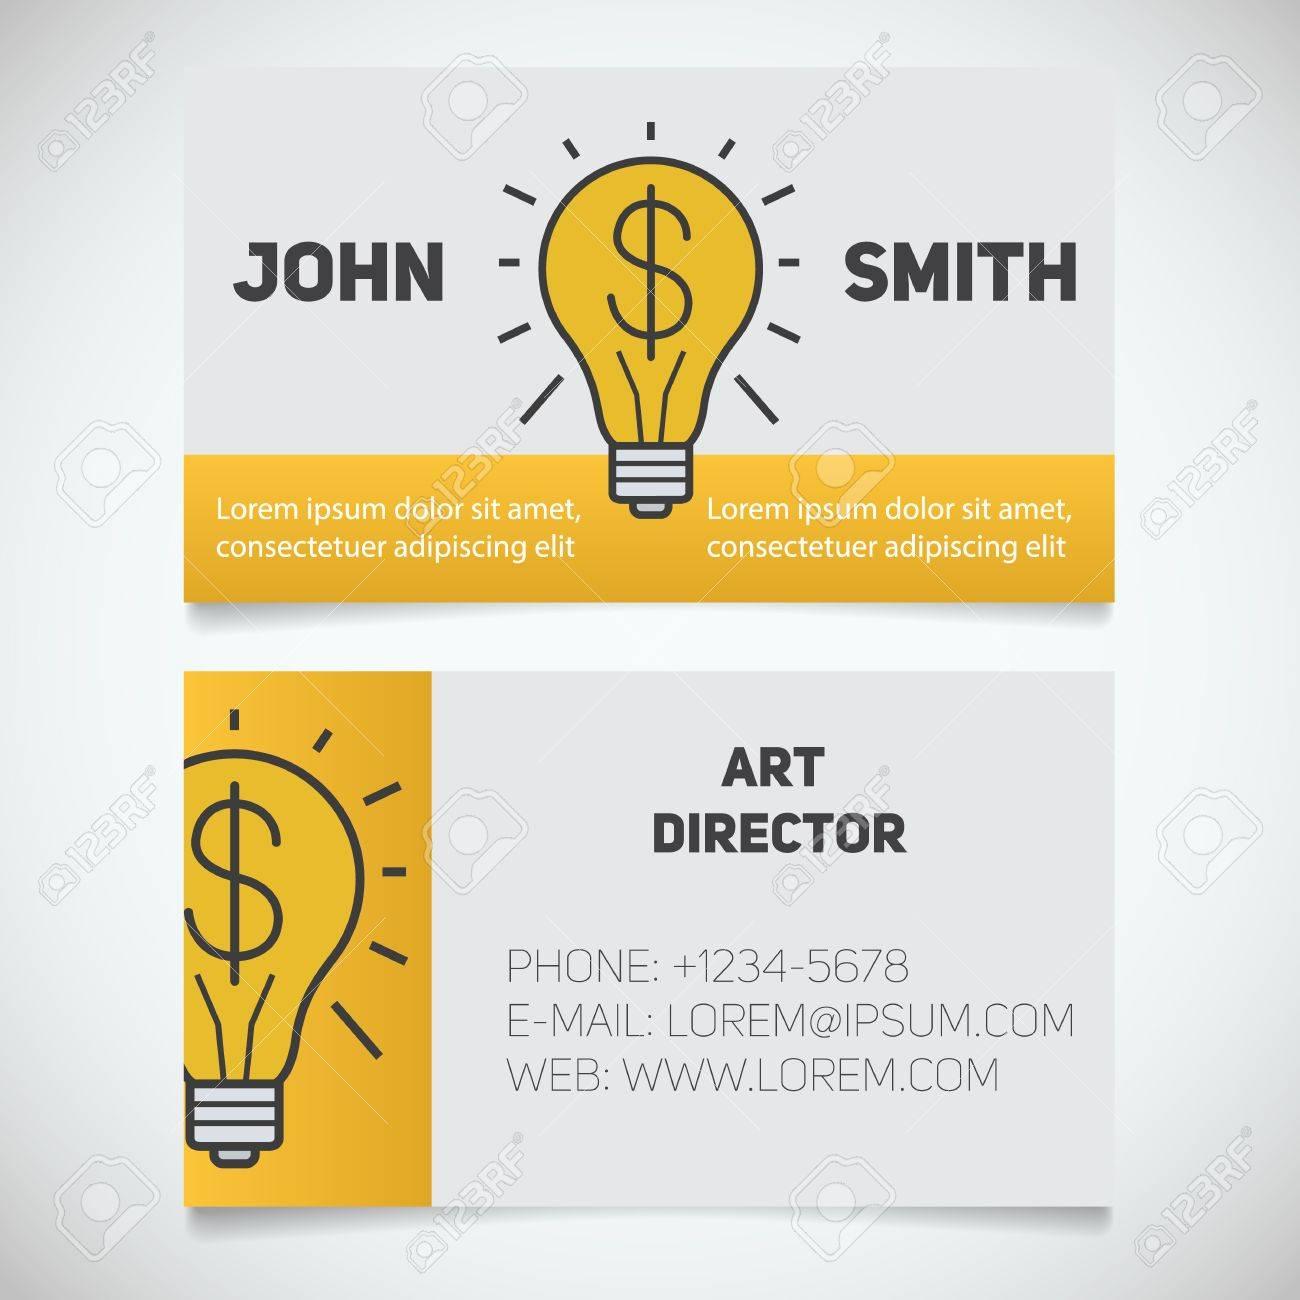 Carte De Visite Modle Dimpression Directeur Artistique Symbole Ide Ampoule